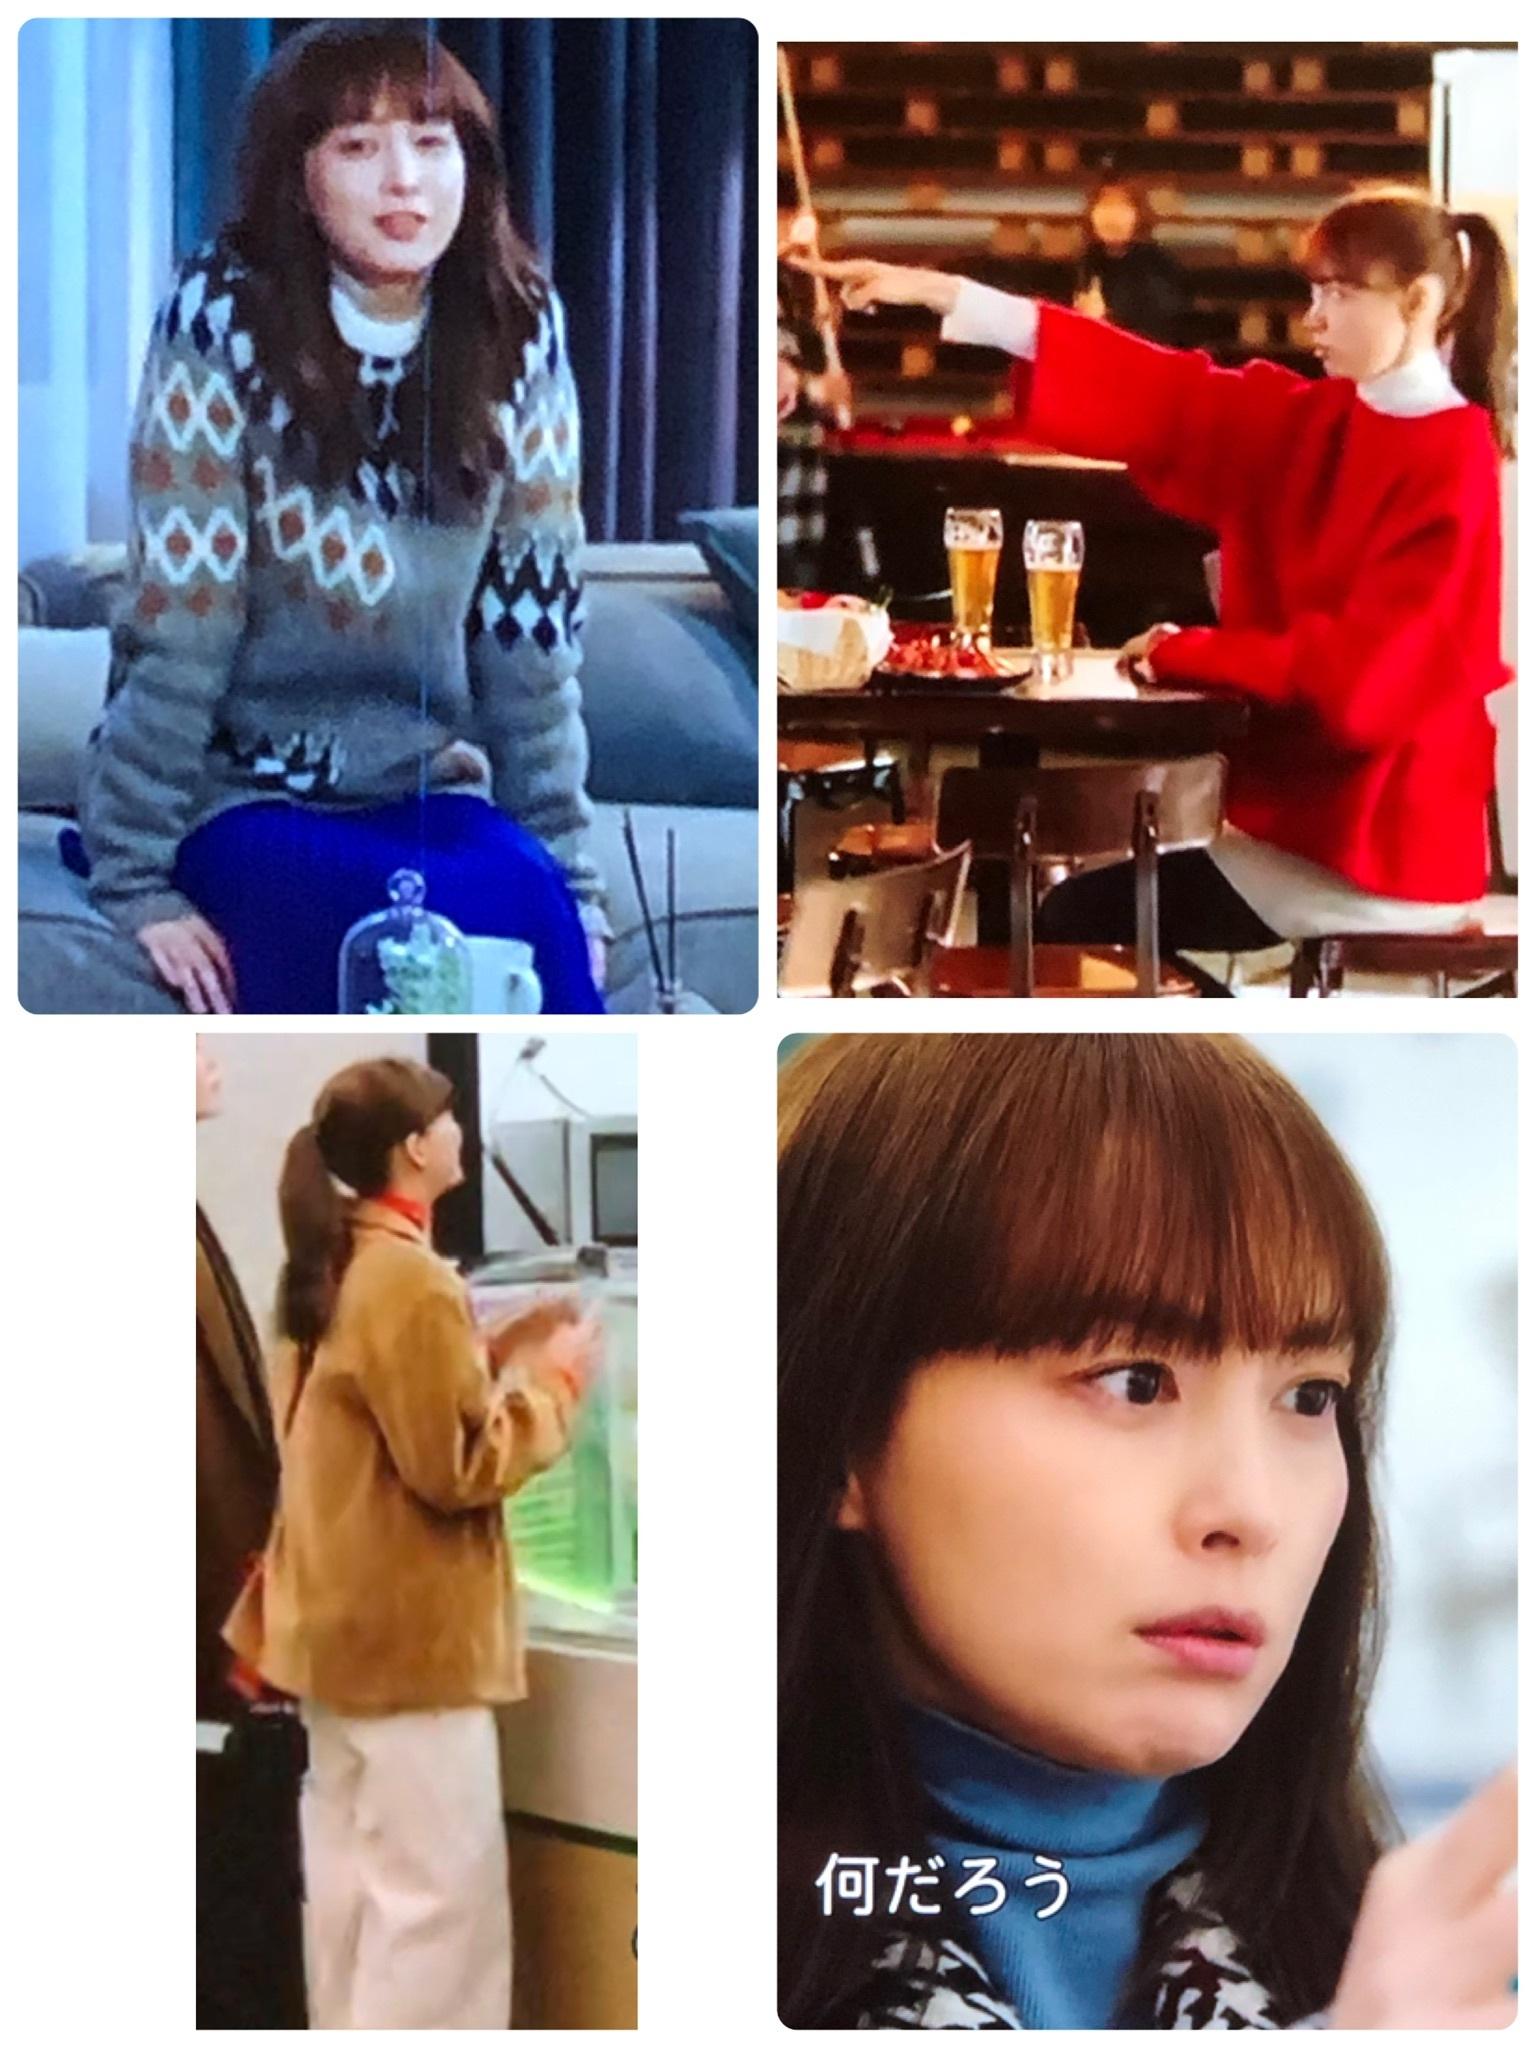 韓国ドラマで観るファッション③_a0213806_23274289.jpeg